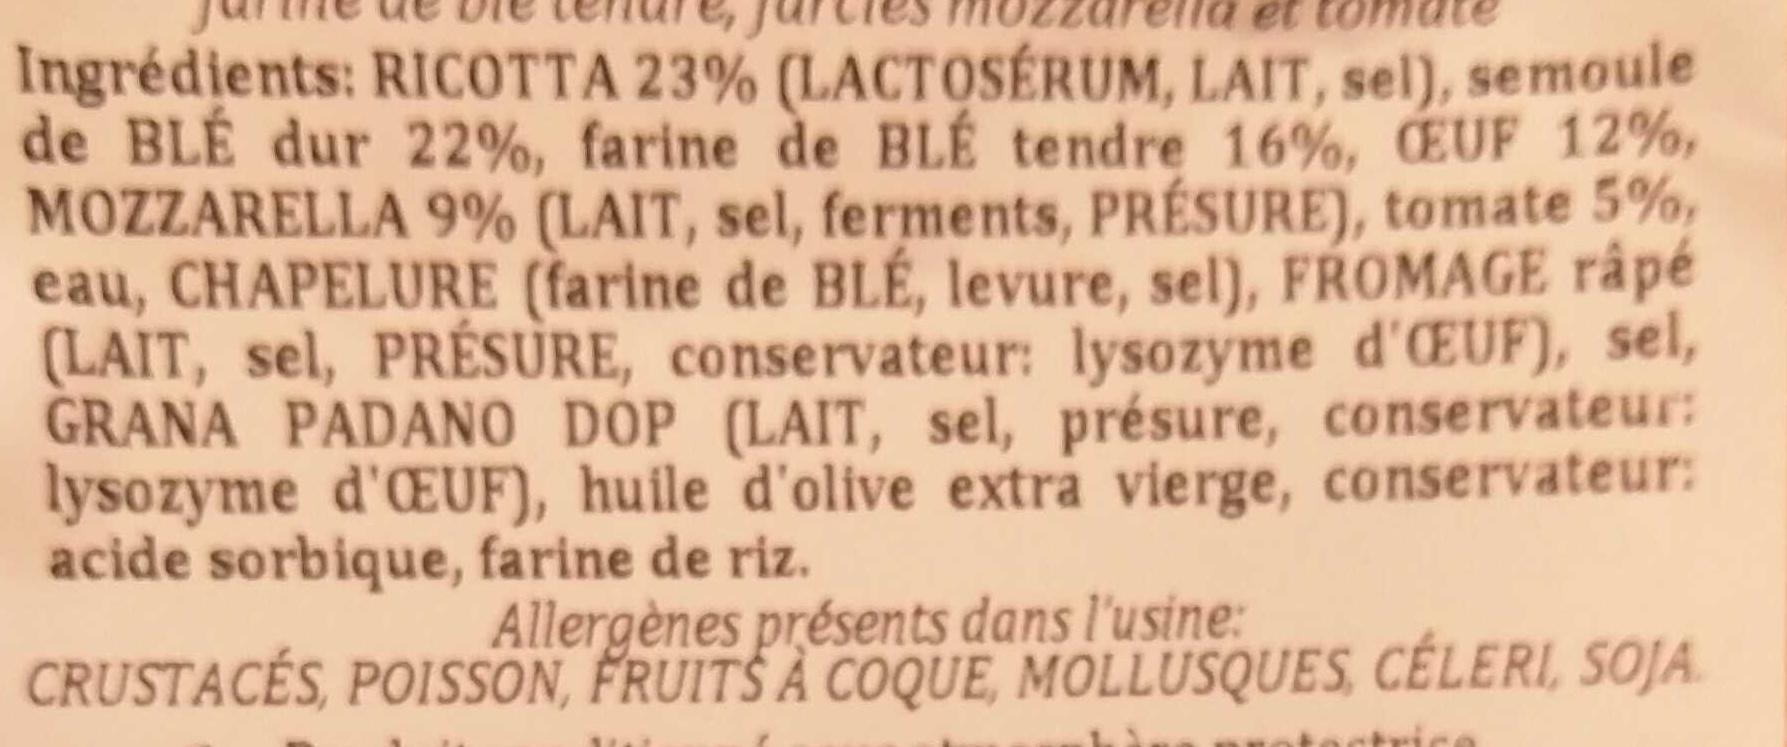 Tournesols Mozzarella Tomate - Ingrediënten - fr